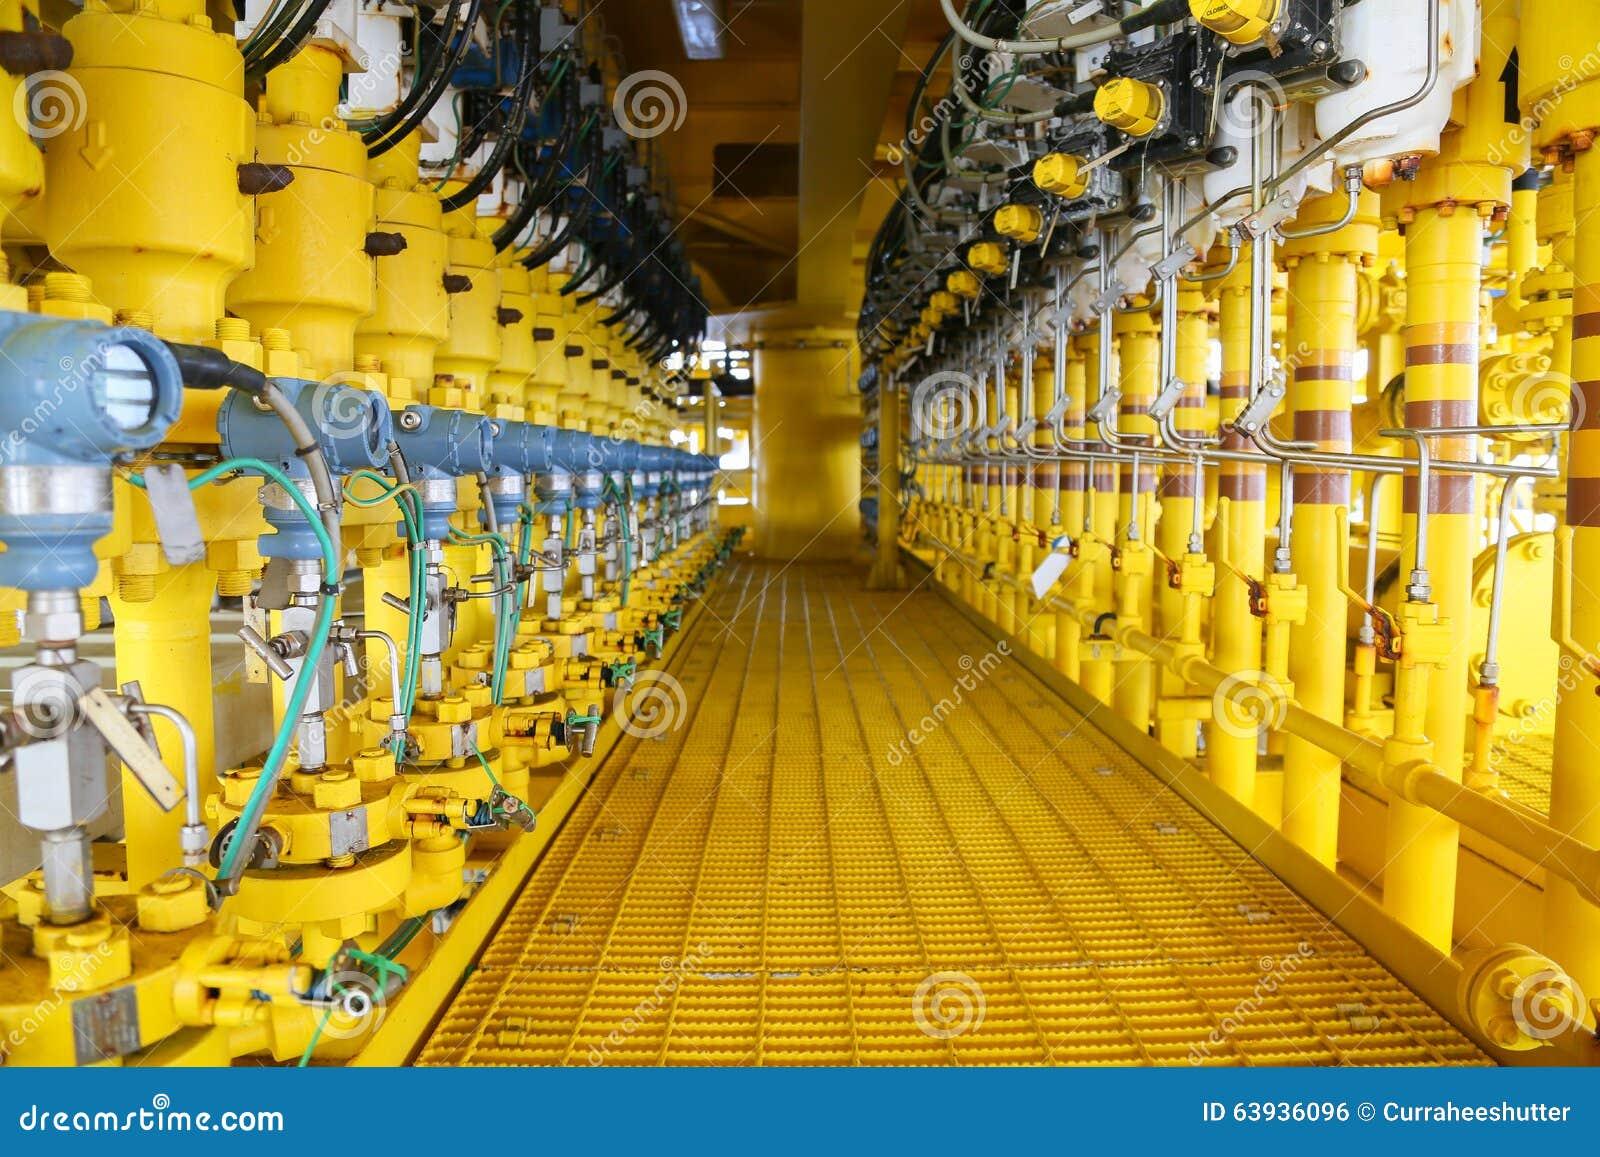 El transmisor de presión en proceso del petróleo y gas, envía la señal a la presión en el sistema, transmisor del regulador y de